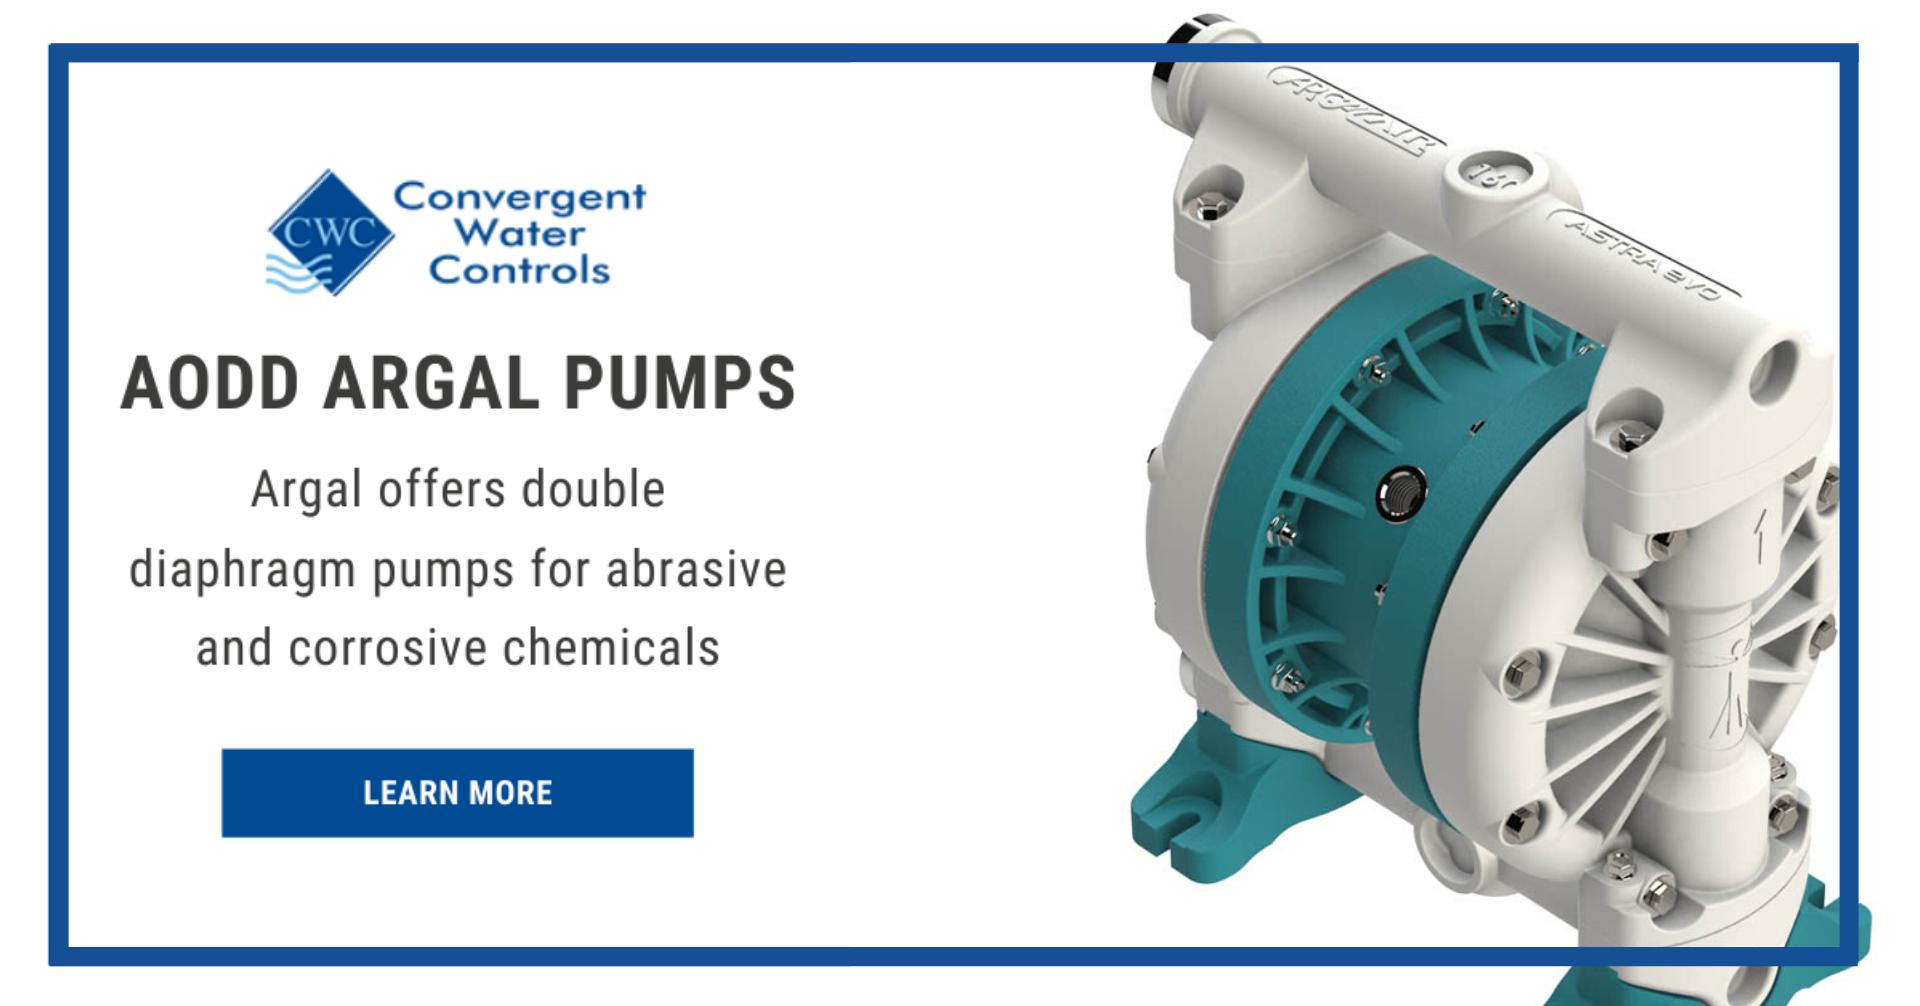 Learn more about AODD Argal Pumps